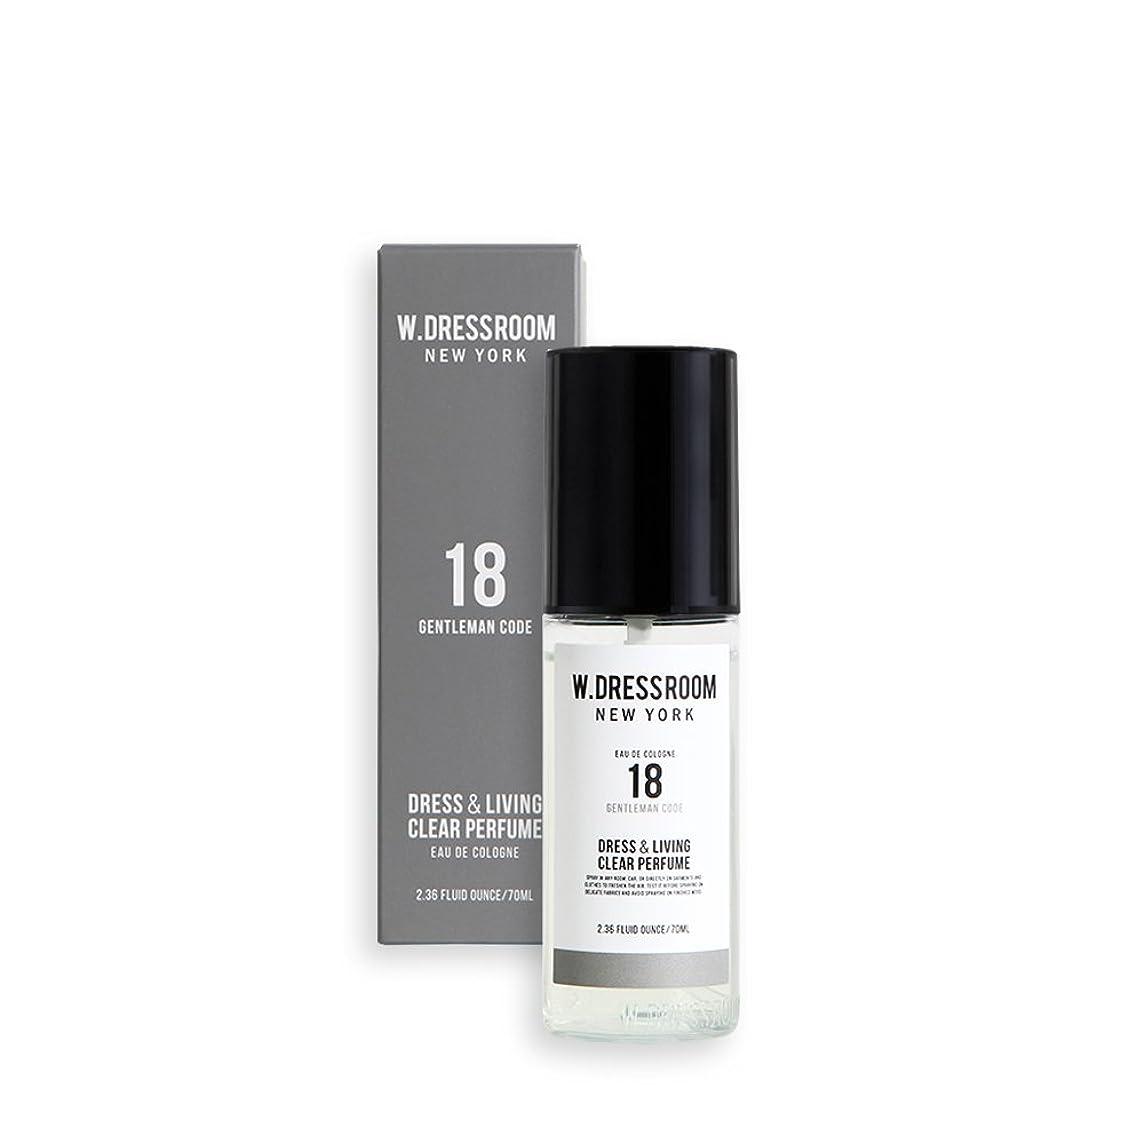 必要としているキャンディー尽きるW.DRESSROOM Dress & Living Clear Perfume 70ml/ダブルドレスルーム ドレス&リビング クリア パフューム 70ml (#No.18 Gentleman Code) [並行輸入品]